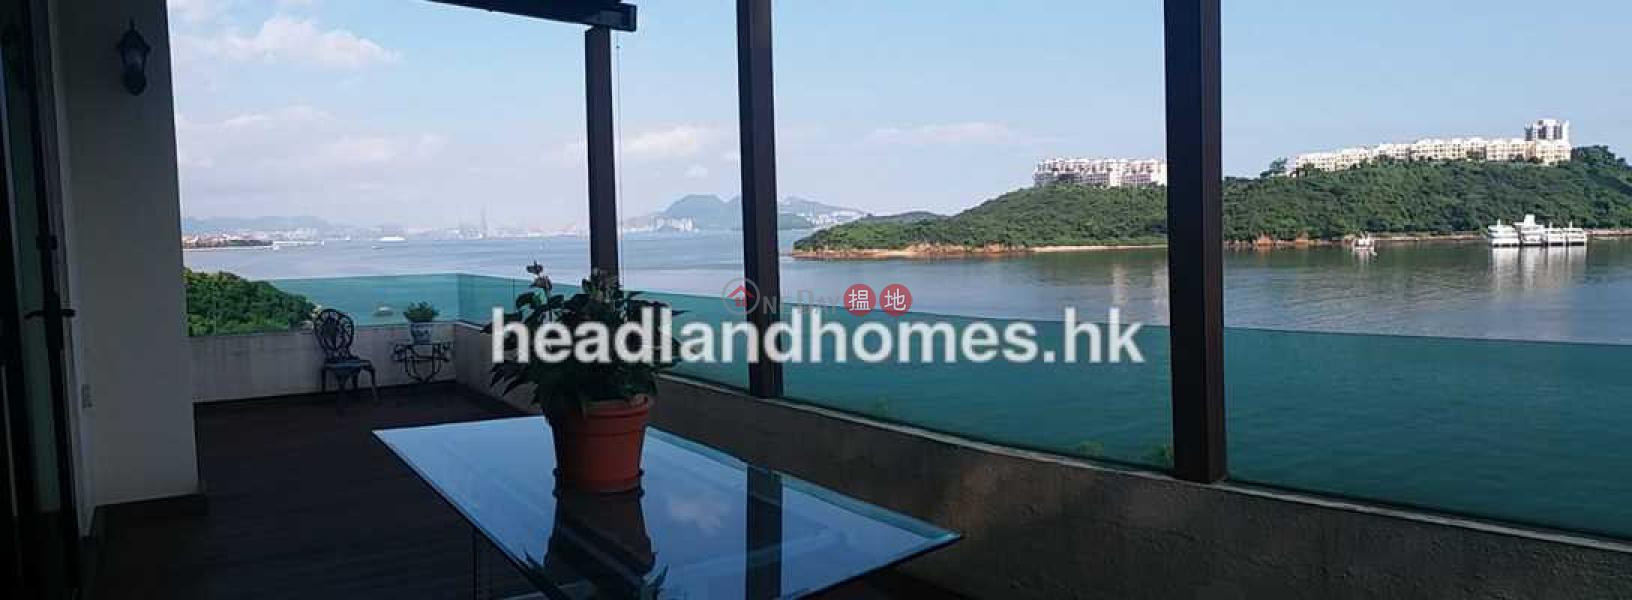 House / Villa on Seabee Lane | 4 Bedroom Luxury House / Villa for Sale | House / Villa on Seabee Lane 海蜂徑洋房/獨立屋 Sales Listings